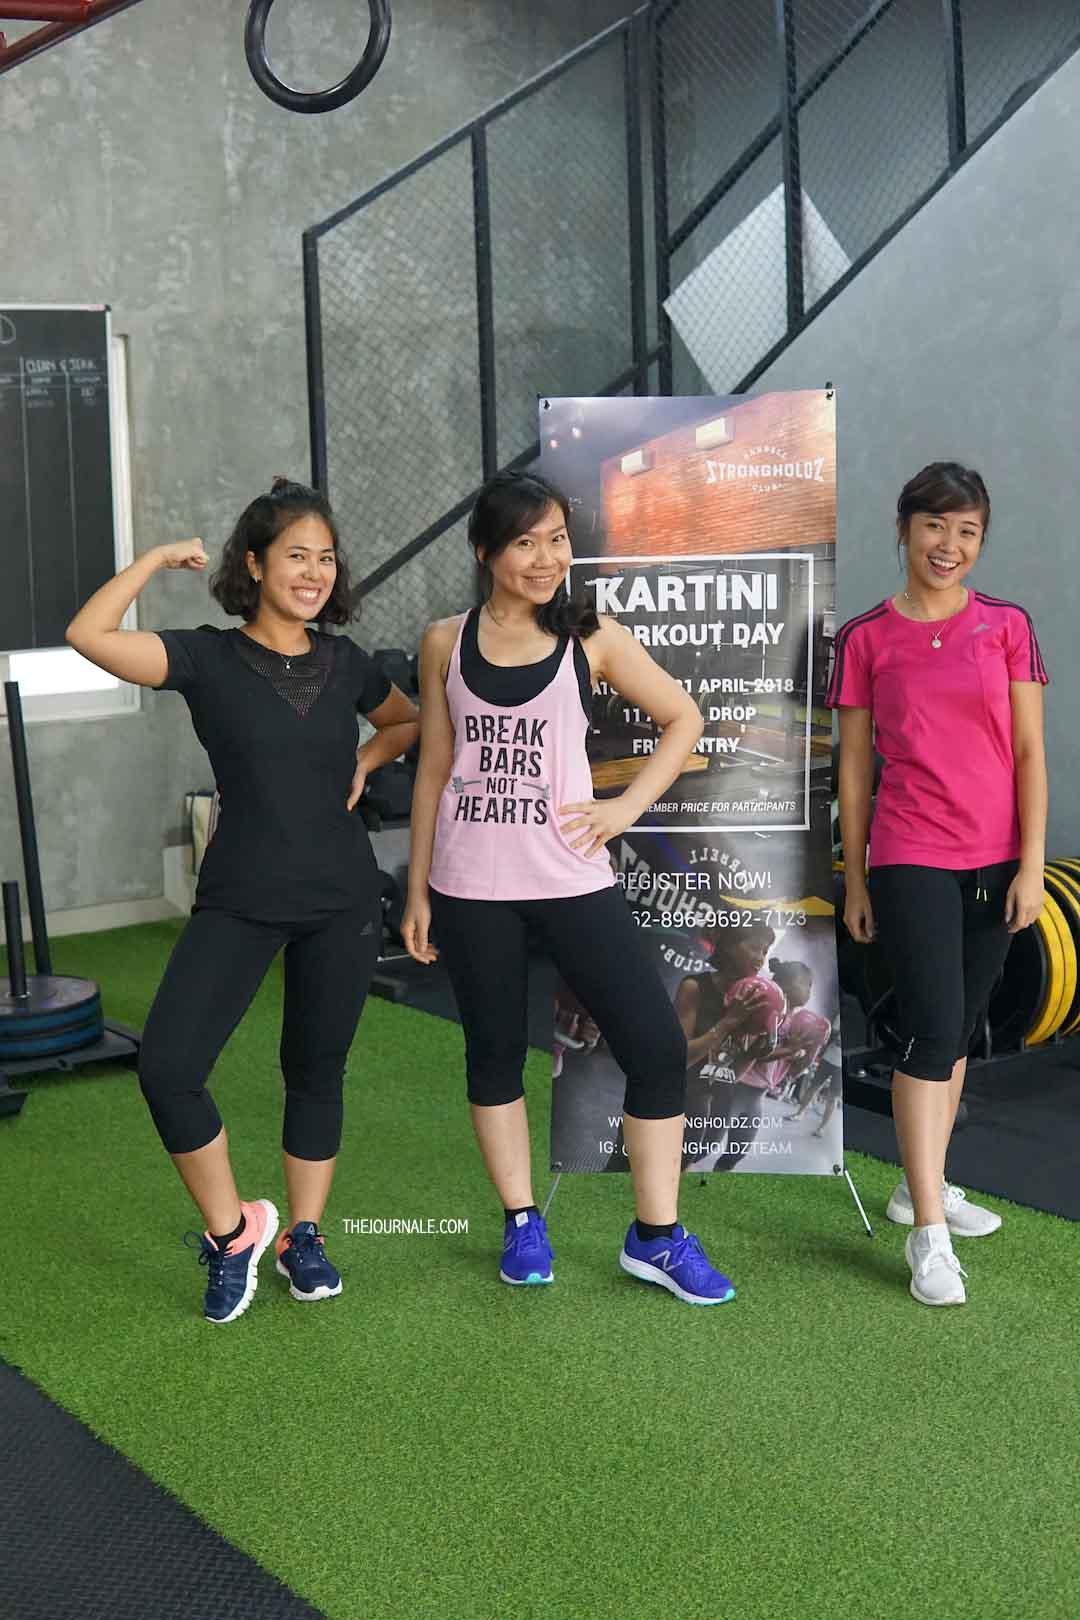 Jadi Strong Kartini di Hari Kartini!